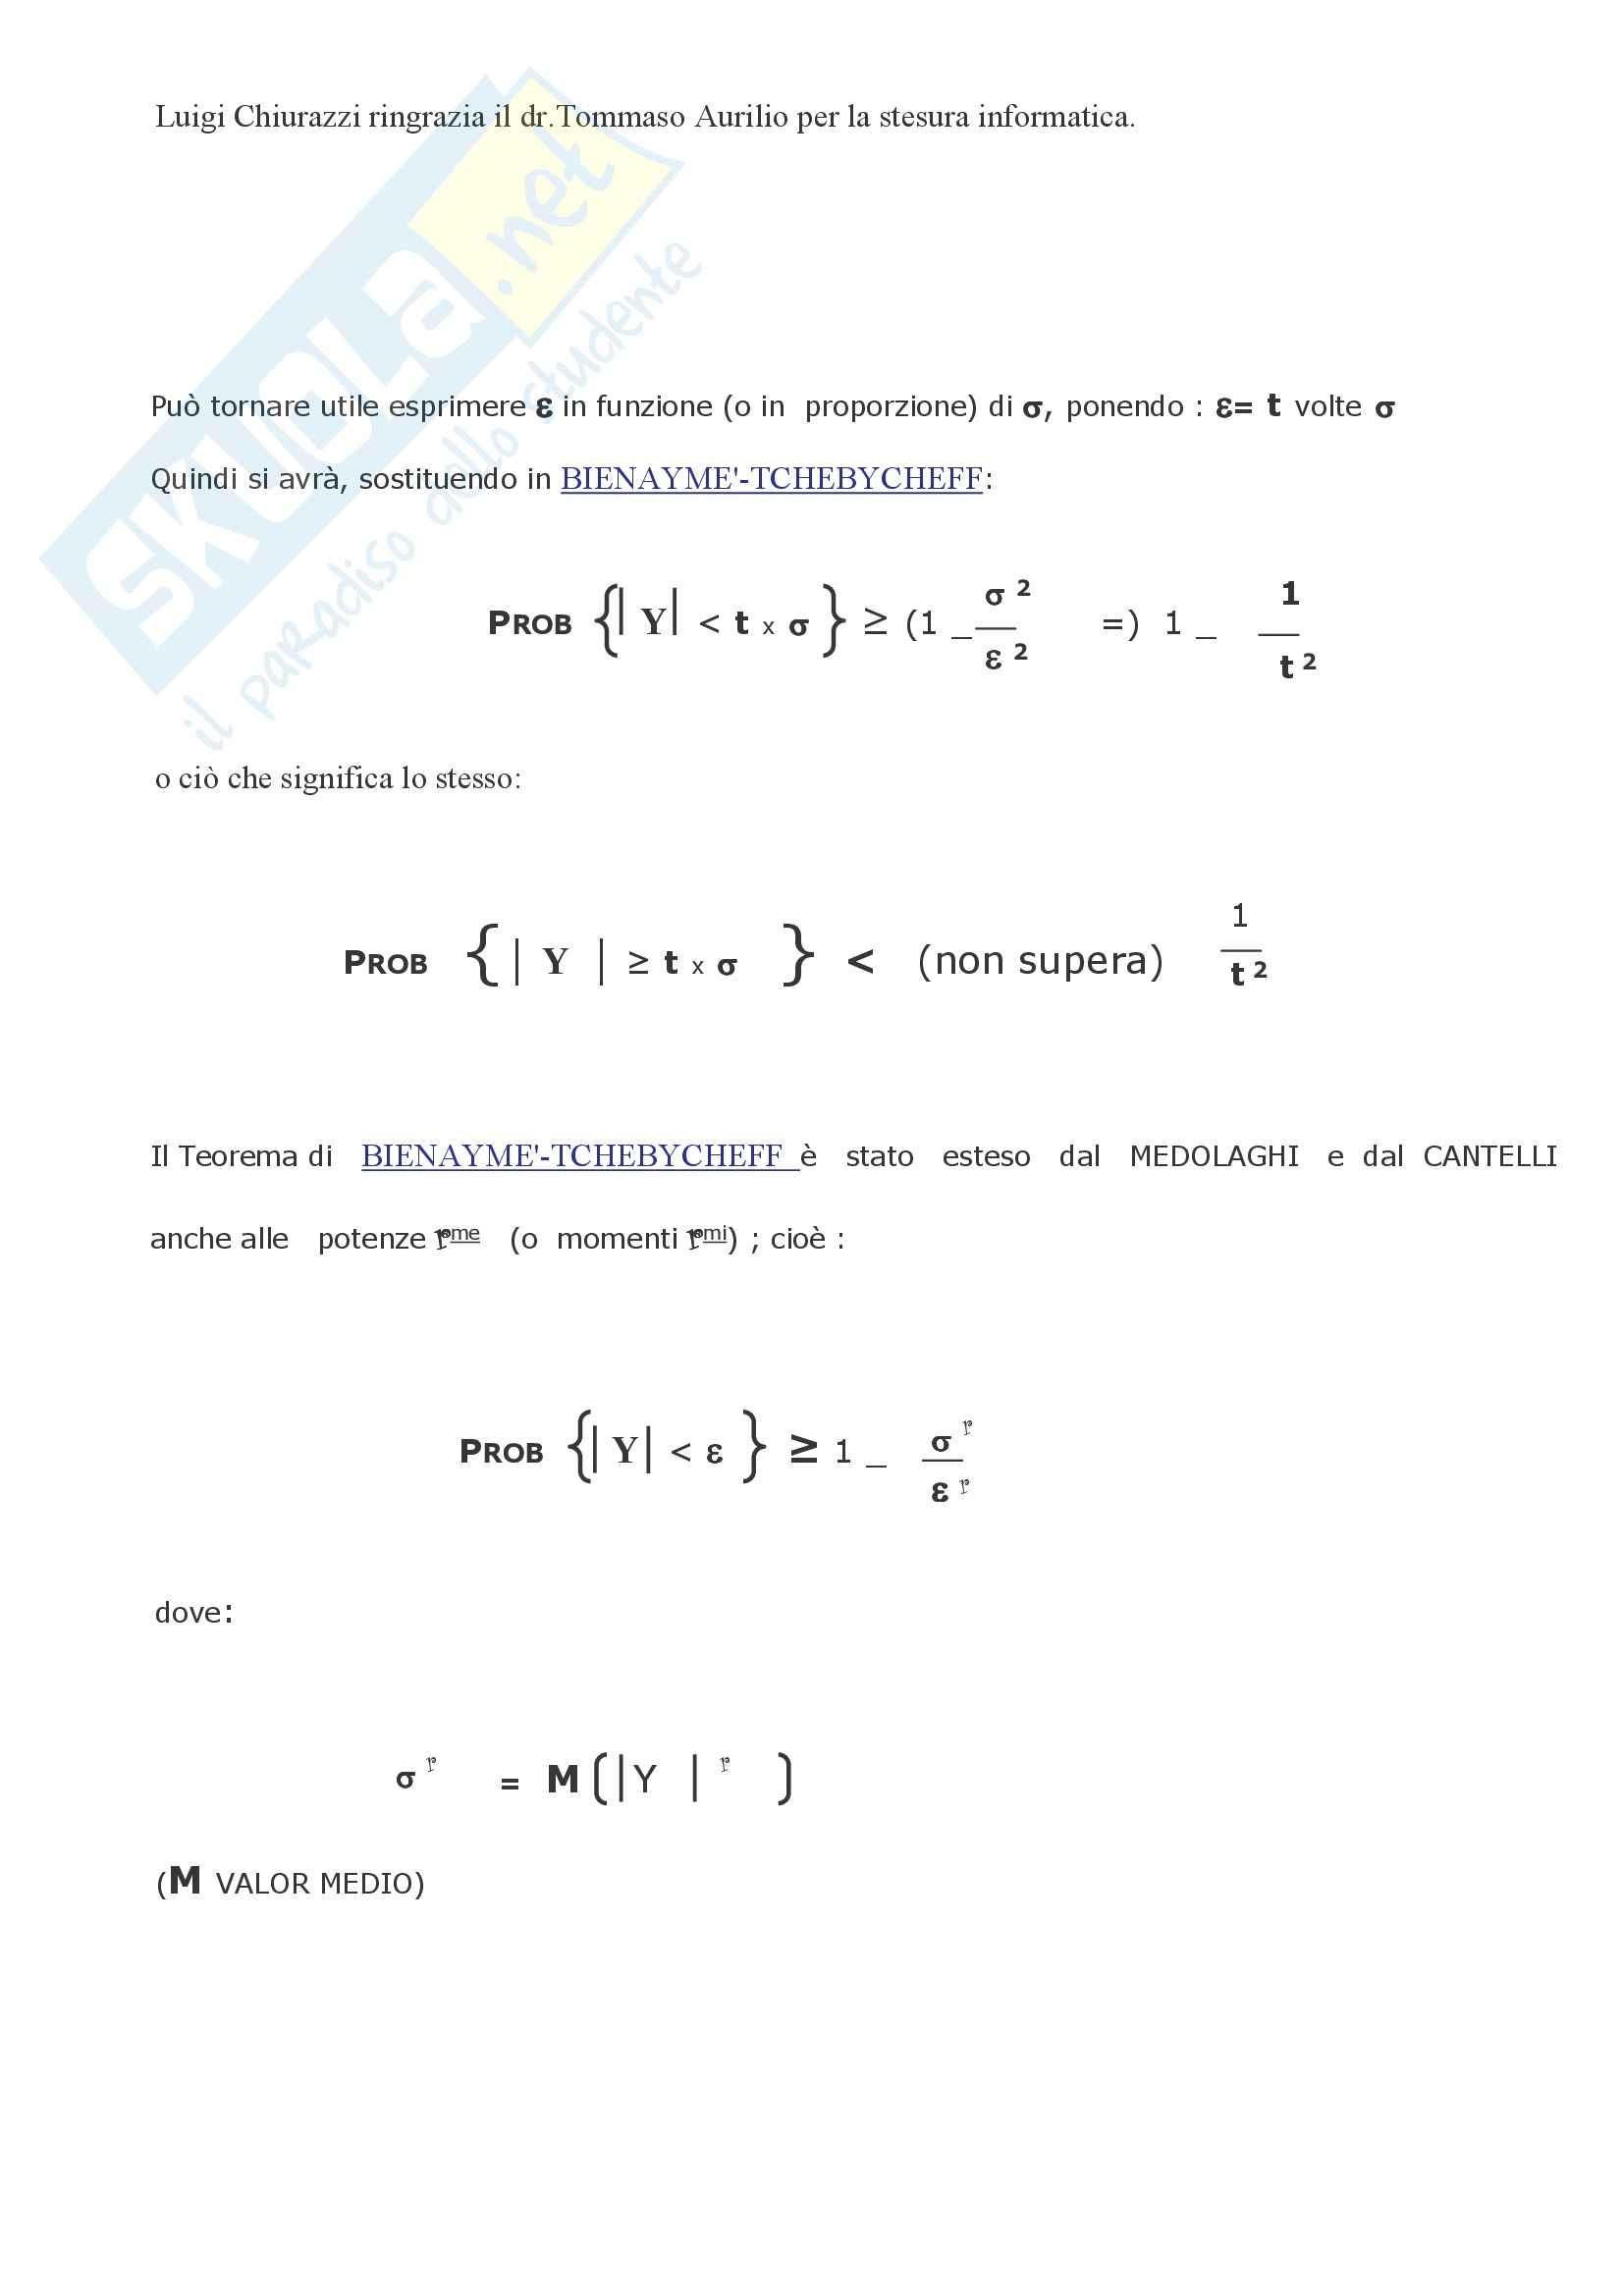 Matematica finanziaria - il teorema di Bienayme / Tchebycheff